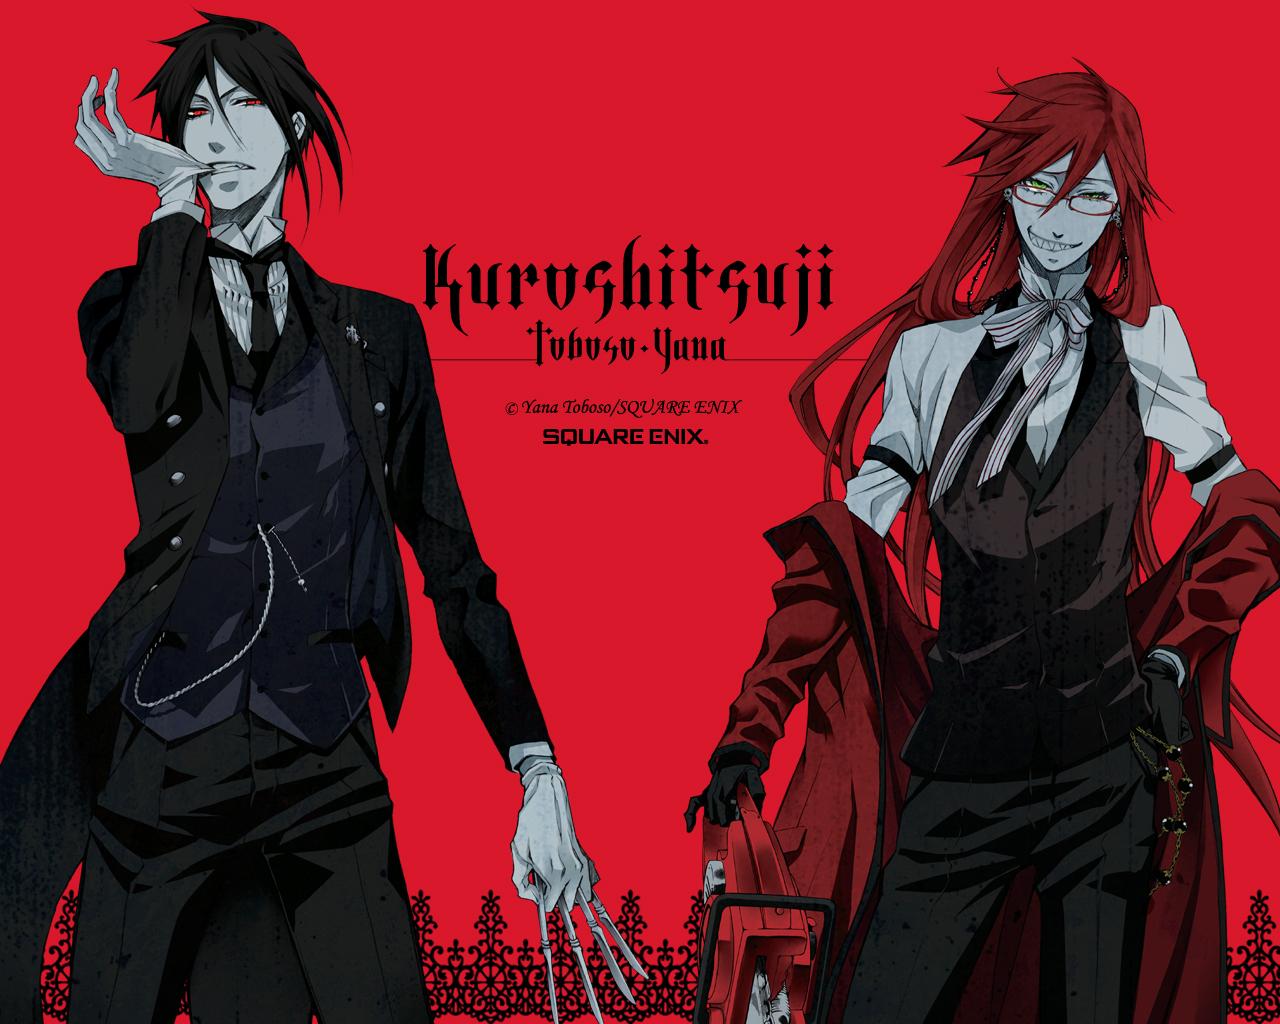 244 2449912 black butler kuroshitsuji anime manga gender analysis sebastian